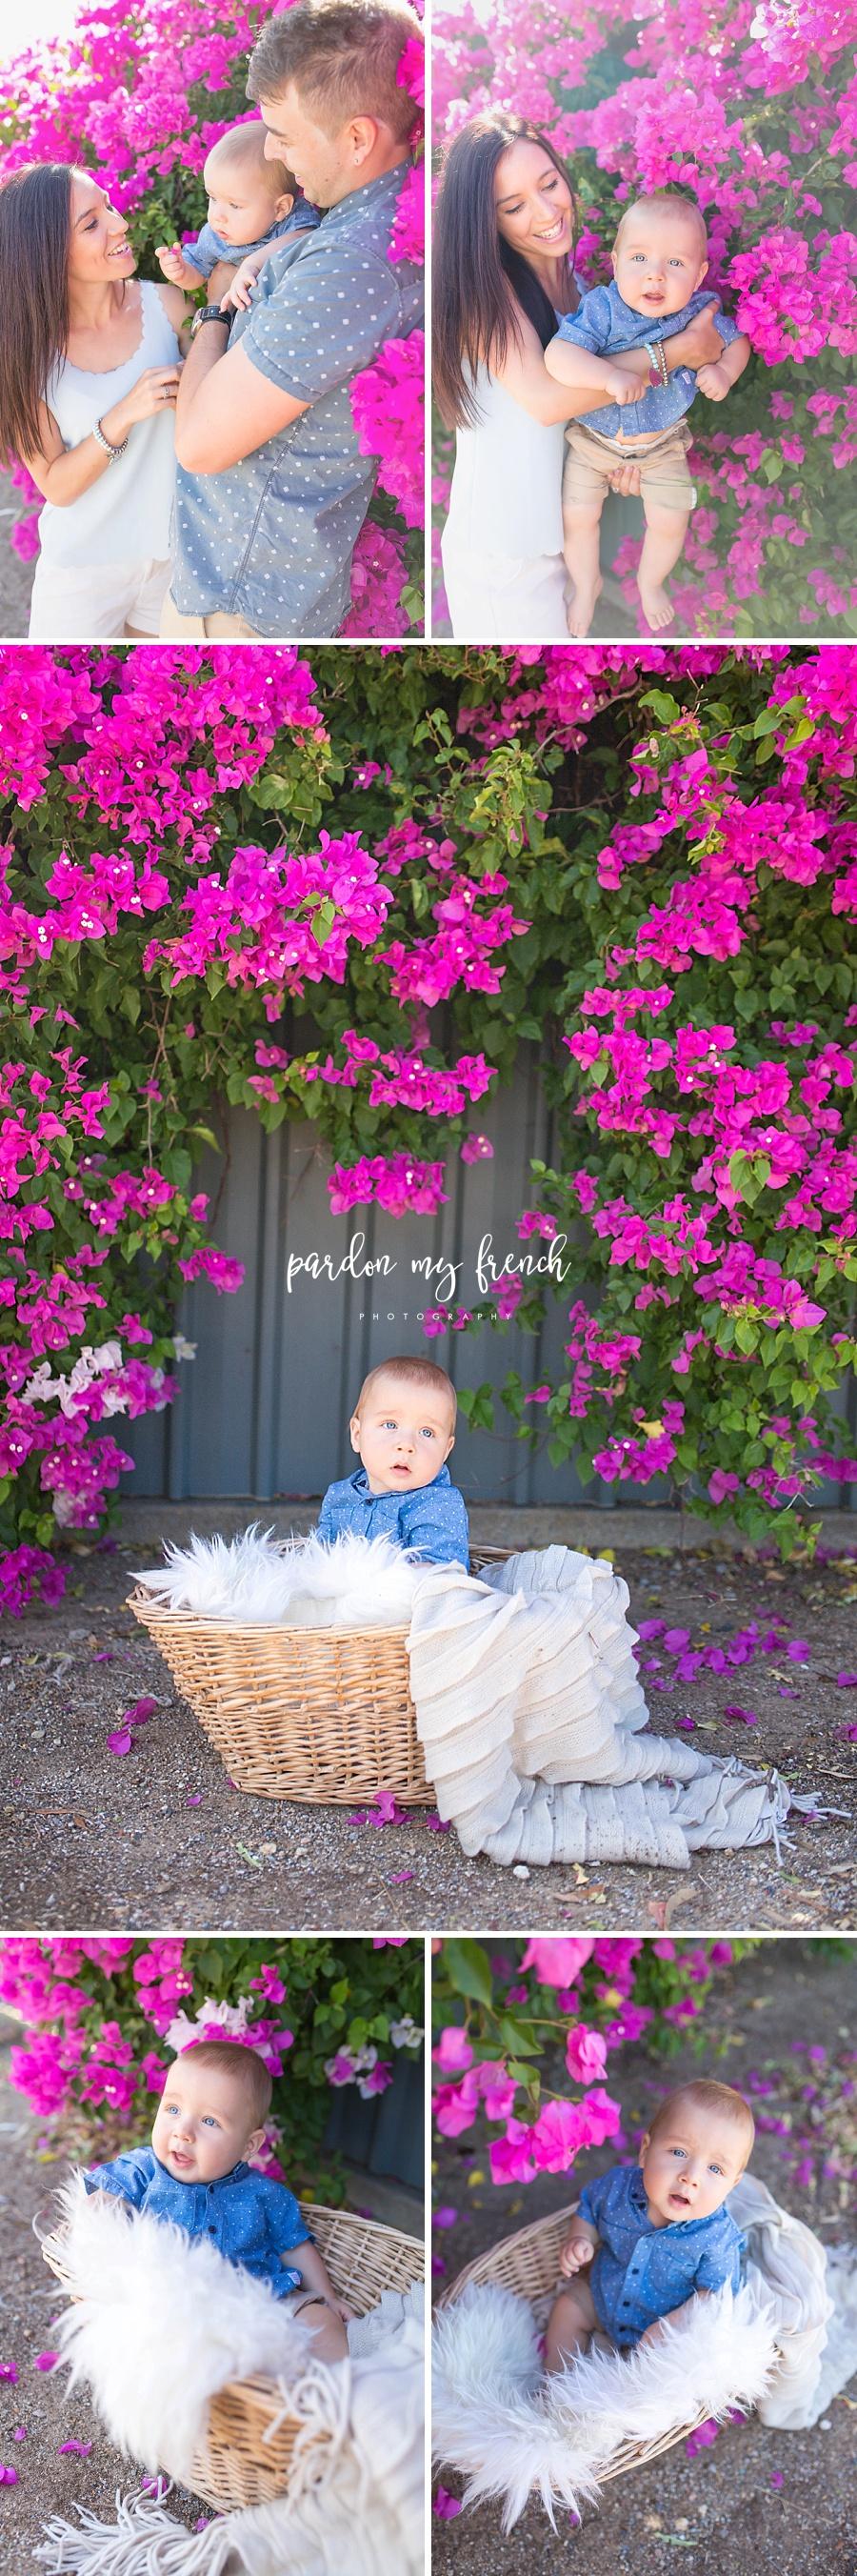 Adelaide Lifestyle Photographer. Adelaide Family photographer. Pardon my French Photography 4.jpg